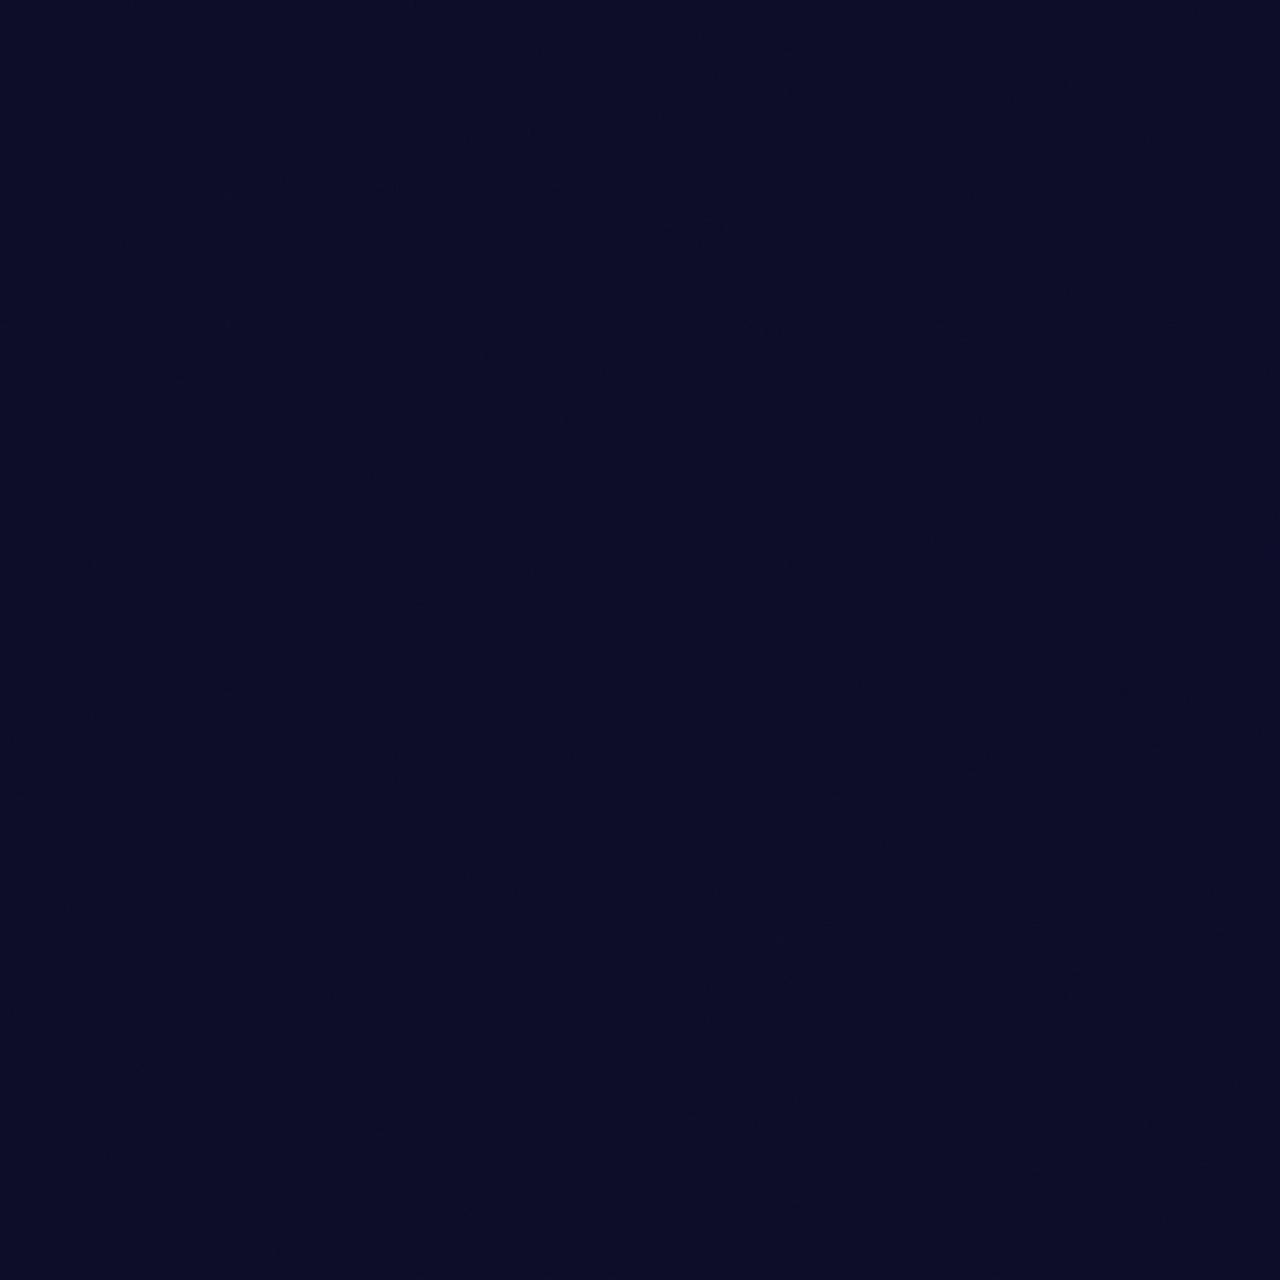 Глянцевые натяжные потолки Китай Premium синий L 160